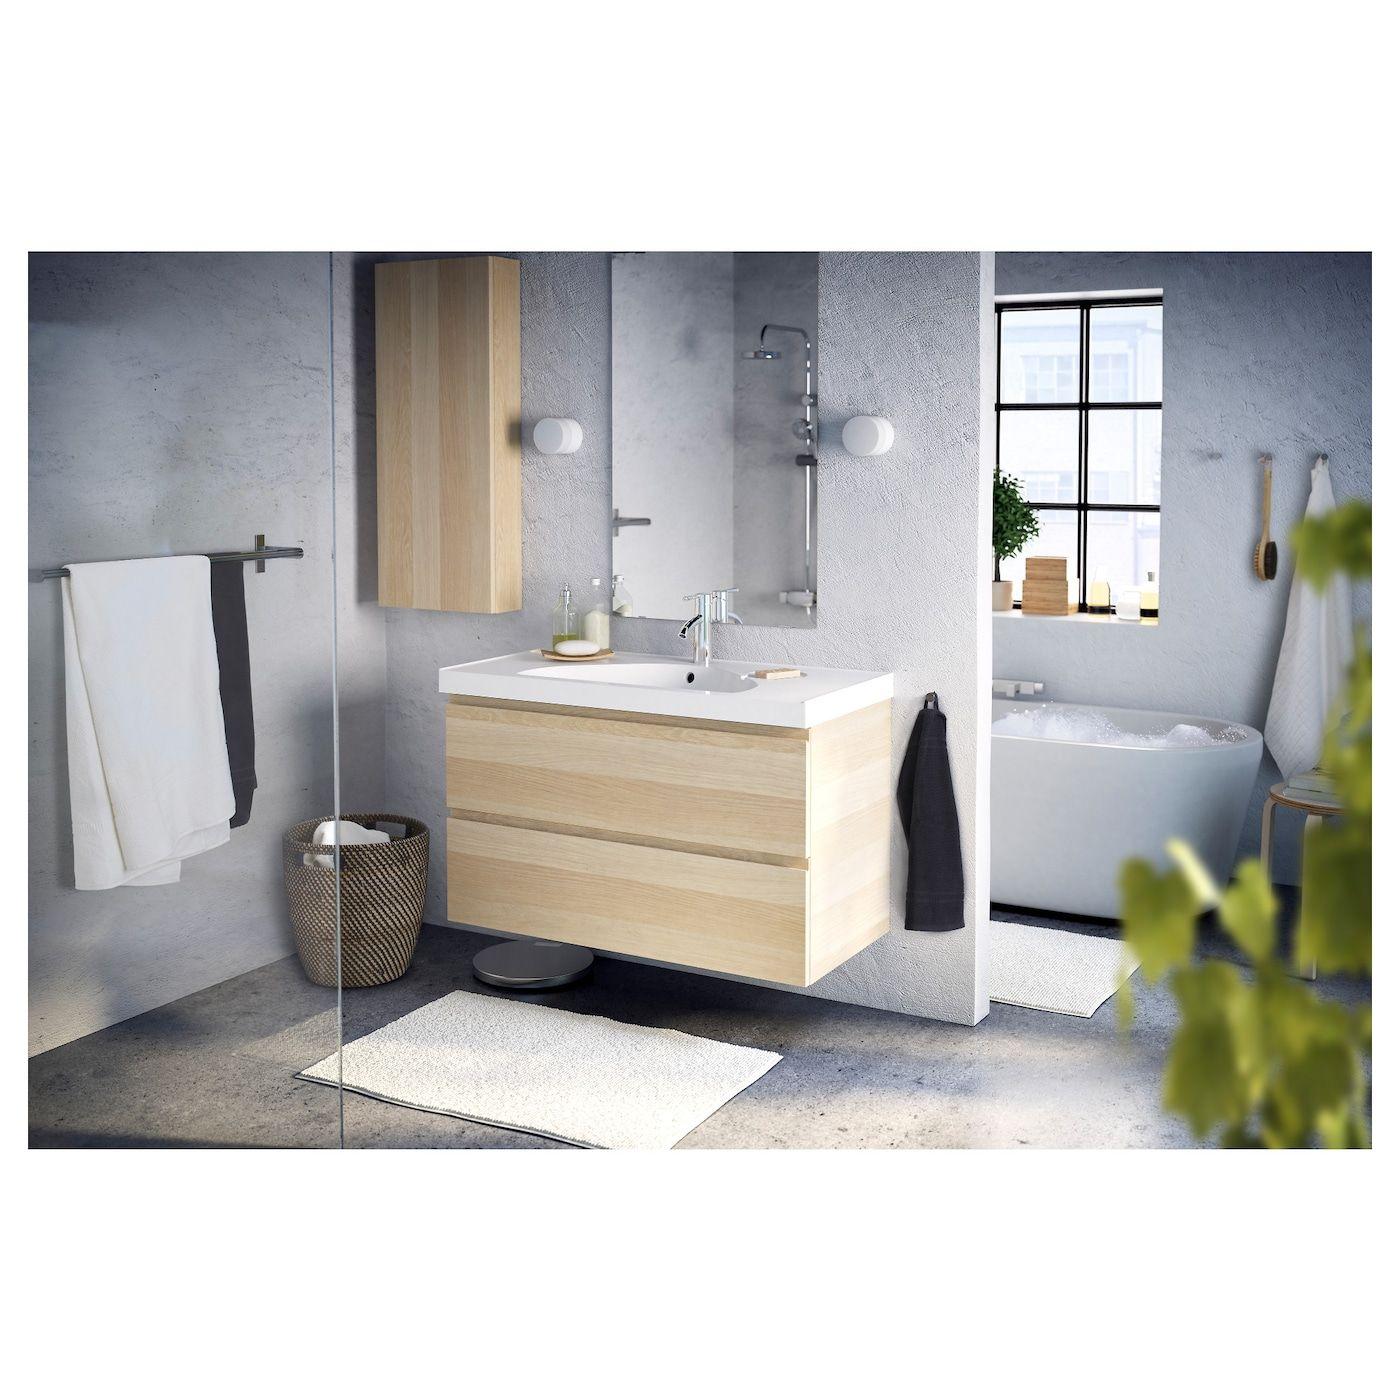 Ikea Us Furniture And Home Furnishings In 2020 Ikea Godmorgon Wandschrank Ikea Badezimmer